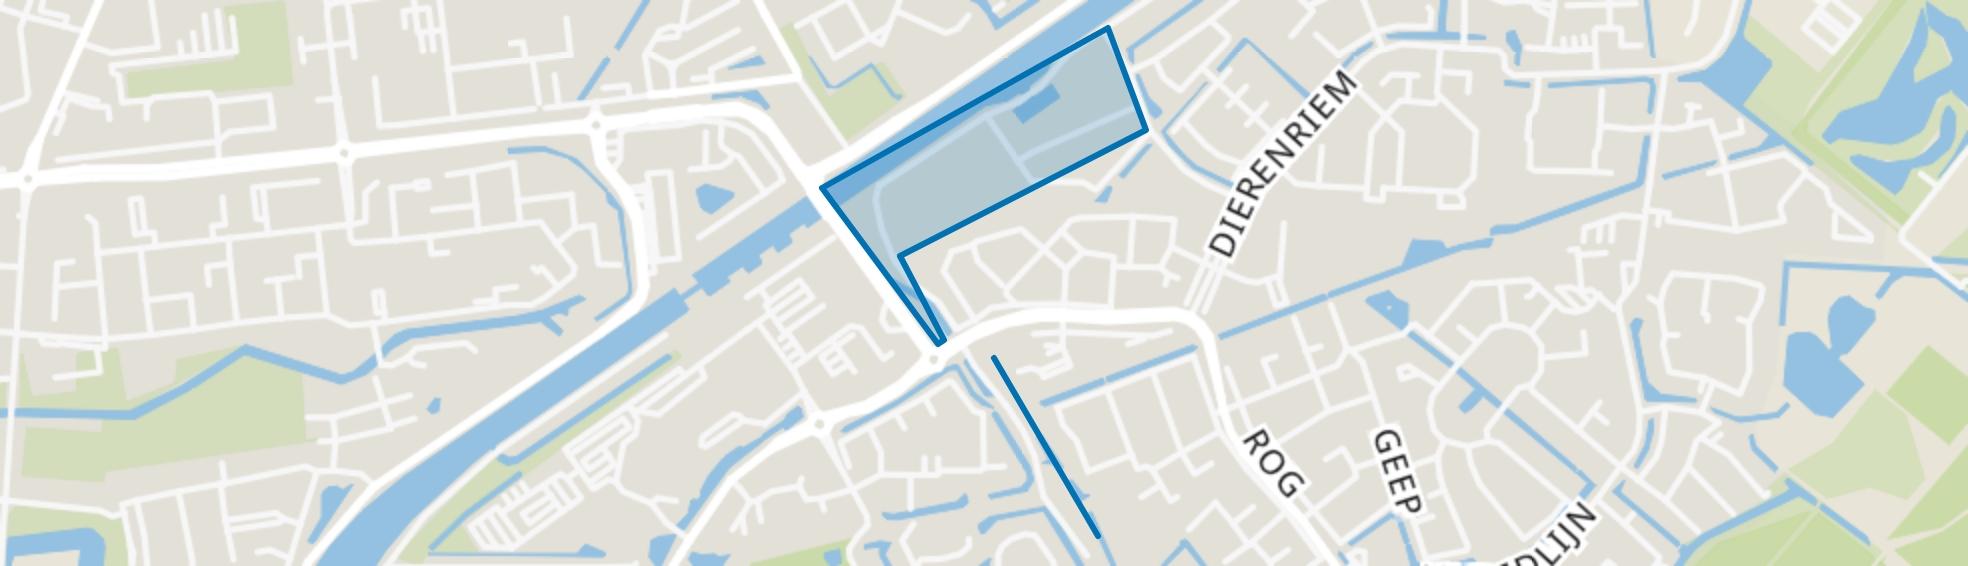 Vlotbrug, Hellevoetsluis map